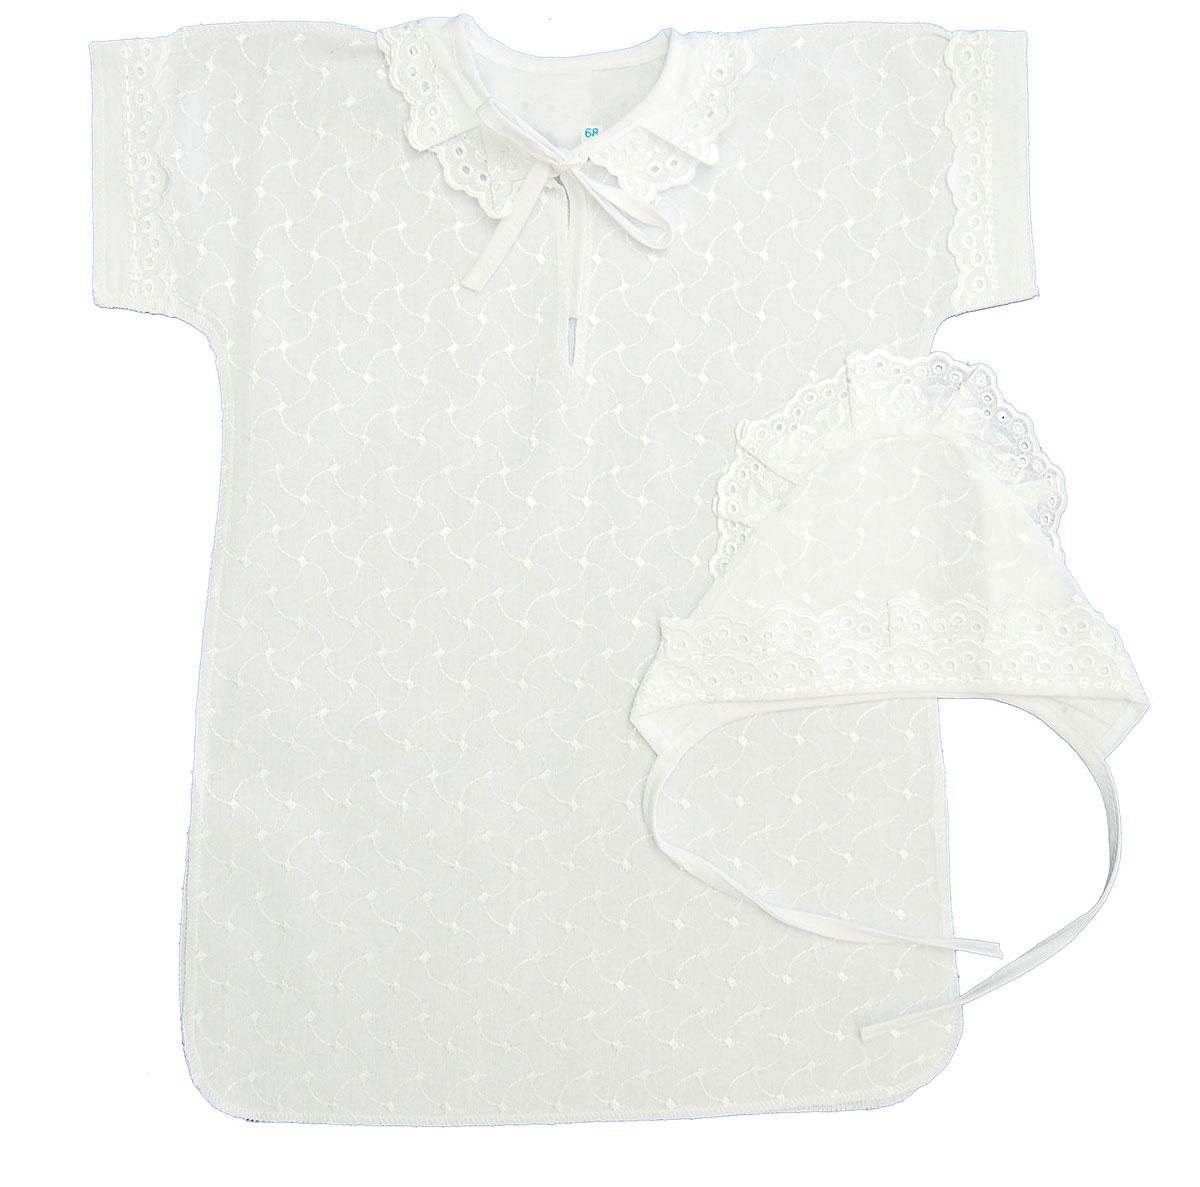 Крестильный набор1403Великолепный комплект для крещения Трон-плюс состоит из рубашки и чепчика. Изготовленный из натурального хлопка, он необычайно мягкий и приятный на ощупь, не сковывает движения младенца и позволяет коже дышать, не раздражает нежную кожу ребенка, обеспечивая ему наибольший комфорт. Рубашечка прямого кроя с короткими цельнокроенными рукавами спереди украшена вышивкой. Вырез горловины дополнен завязками и украшен ажурными рюшами. Край рукавов также украшен ажурными рюшами. Низ изделия по бокам дополнен двумя разрезами. Мягкий чепчик необходим любому младенцу, он защищает еще не заросший родничок, щадит чувствительный слух малыша, прикрывая ушки, и предохраняет от теплопотерь. Чепчик украшен вышивкой, ажурными рюшами. Затылочная часть рюшей изи широкого шитья. Такой комплект станет незаменимым для обряда Крещения и поможет сделать его запоминающимся.